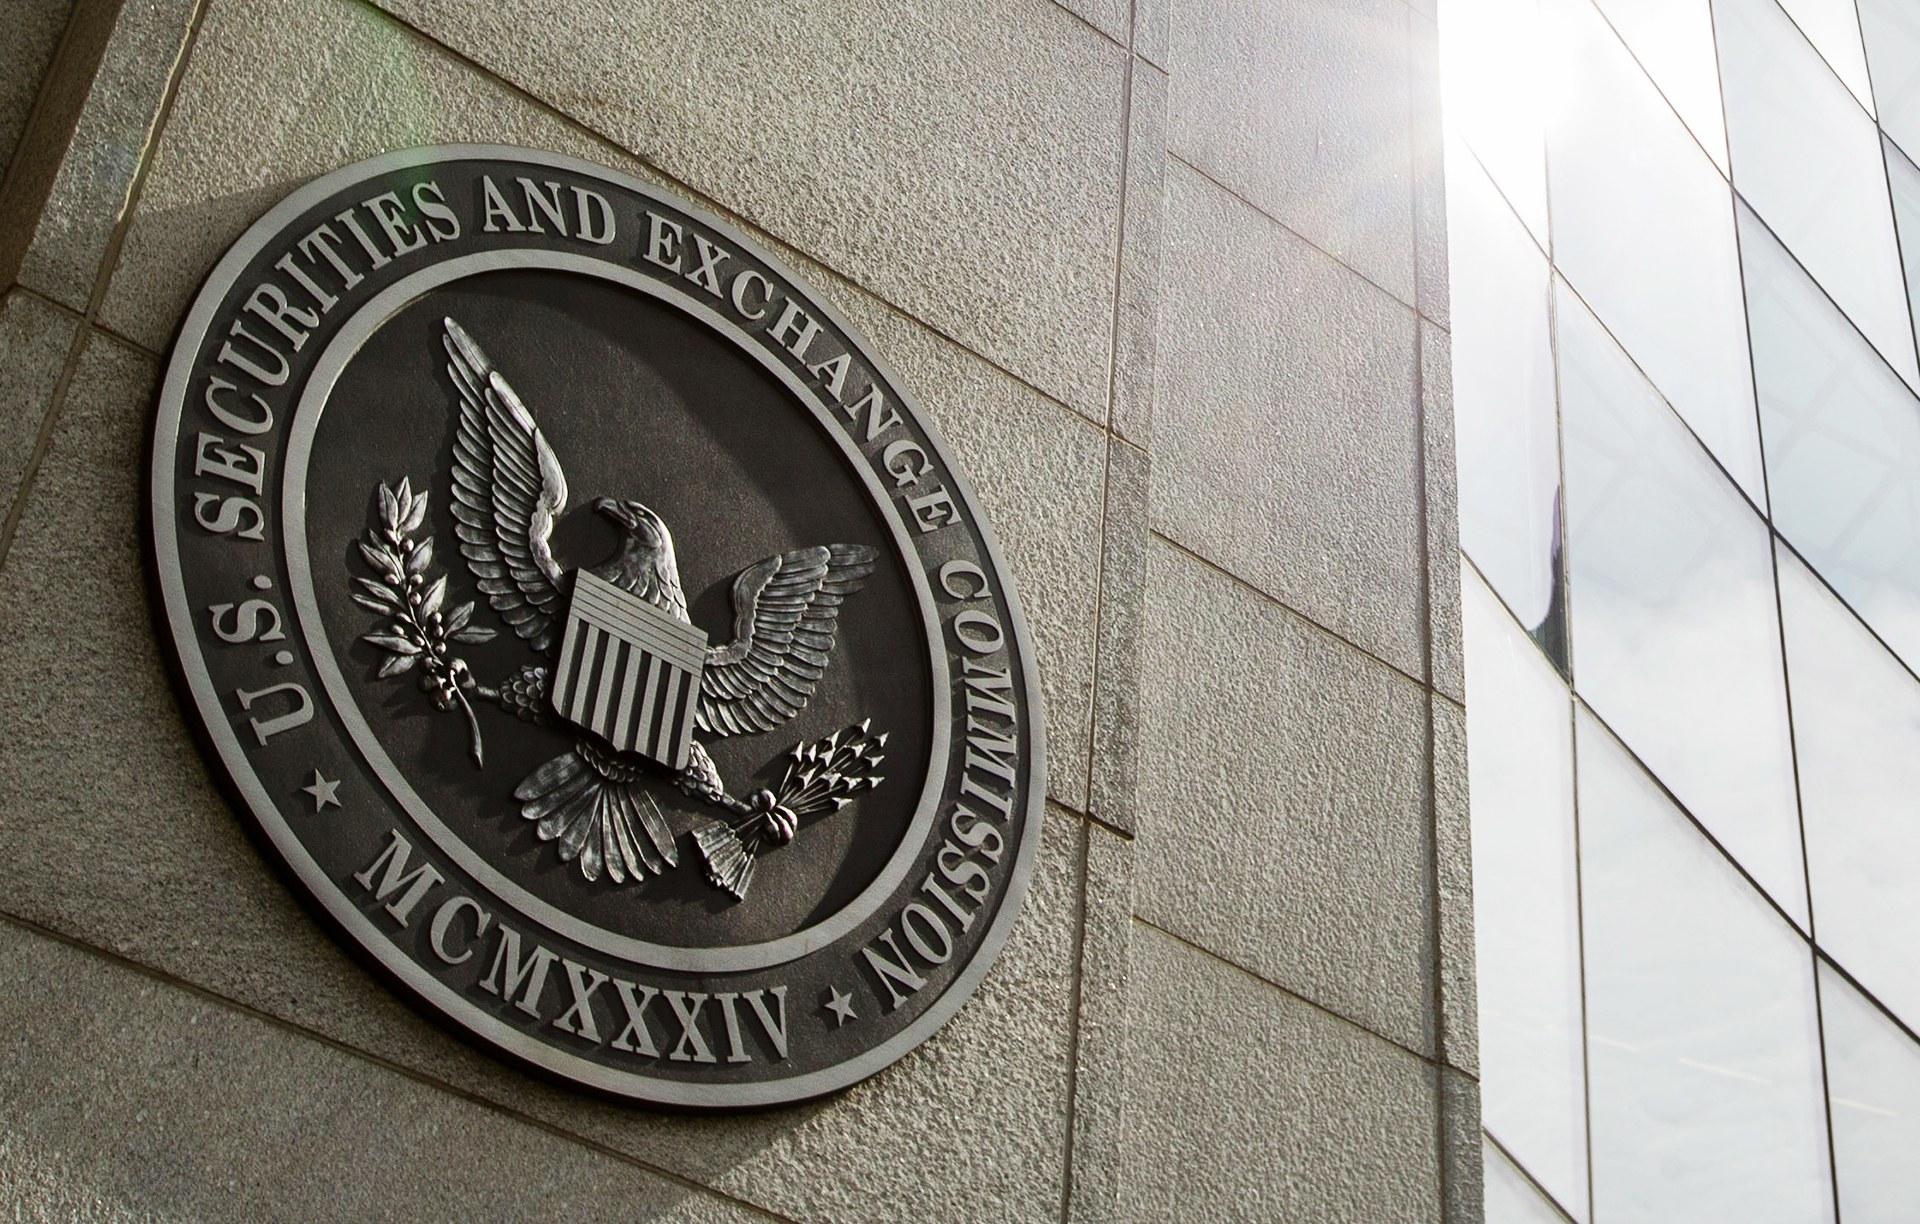 بيان تحذير هيئة الأوراق المالية والبورصات الأمريكية بشأن منصات العملات الرقمية